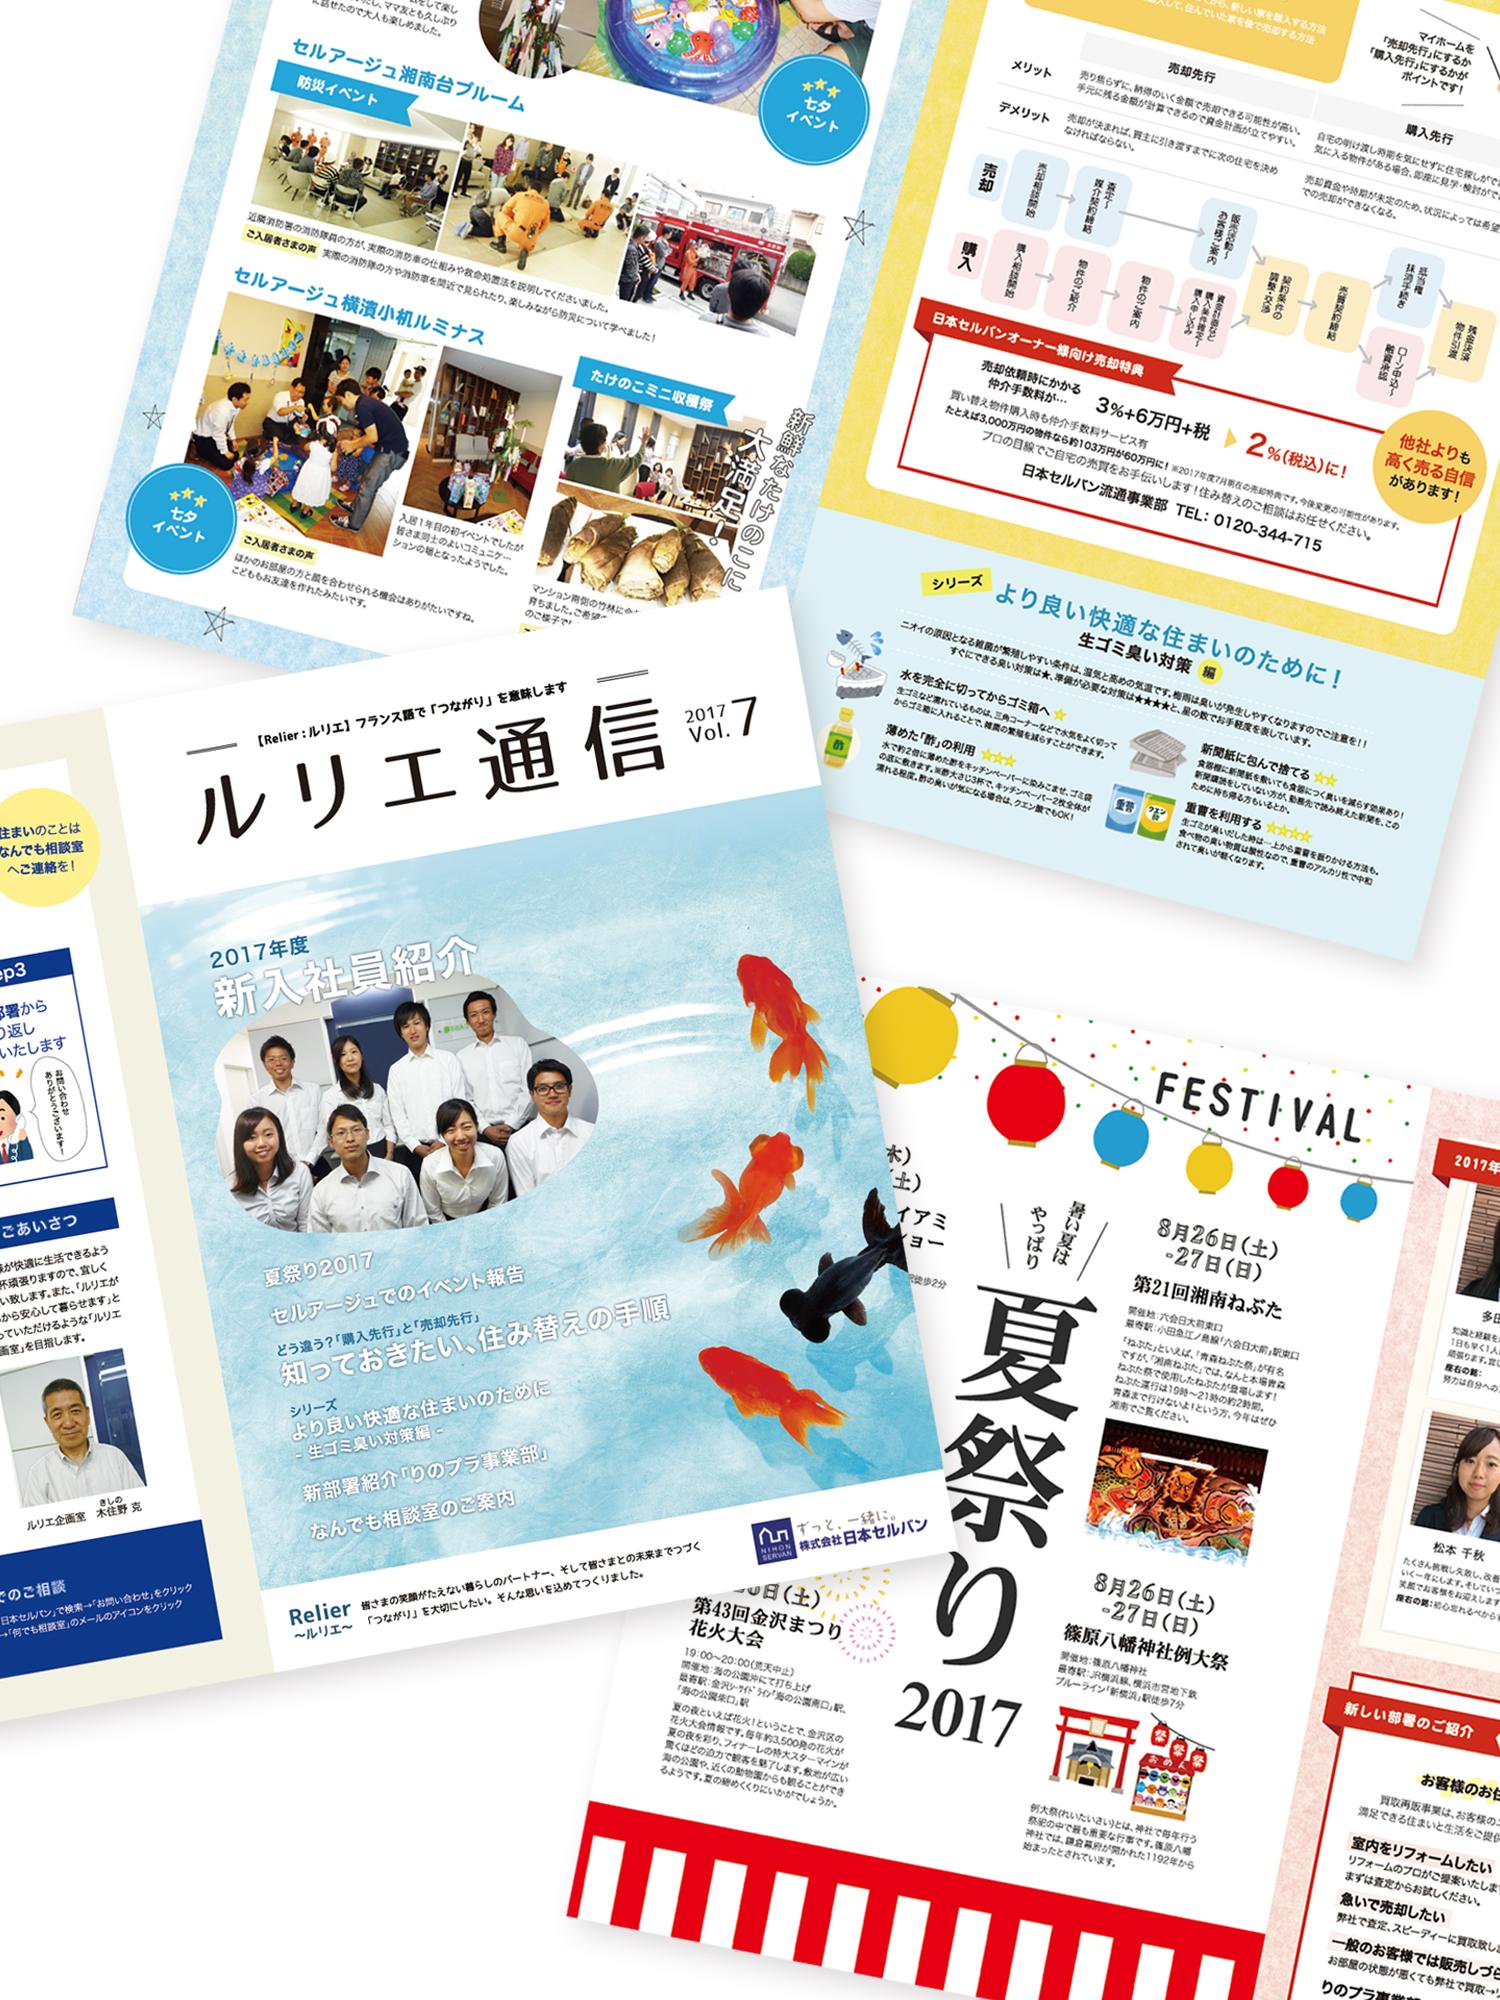 株式会社日本セルバンさま ルリエ通信Vol.7